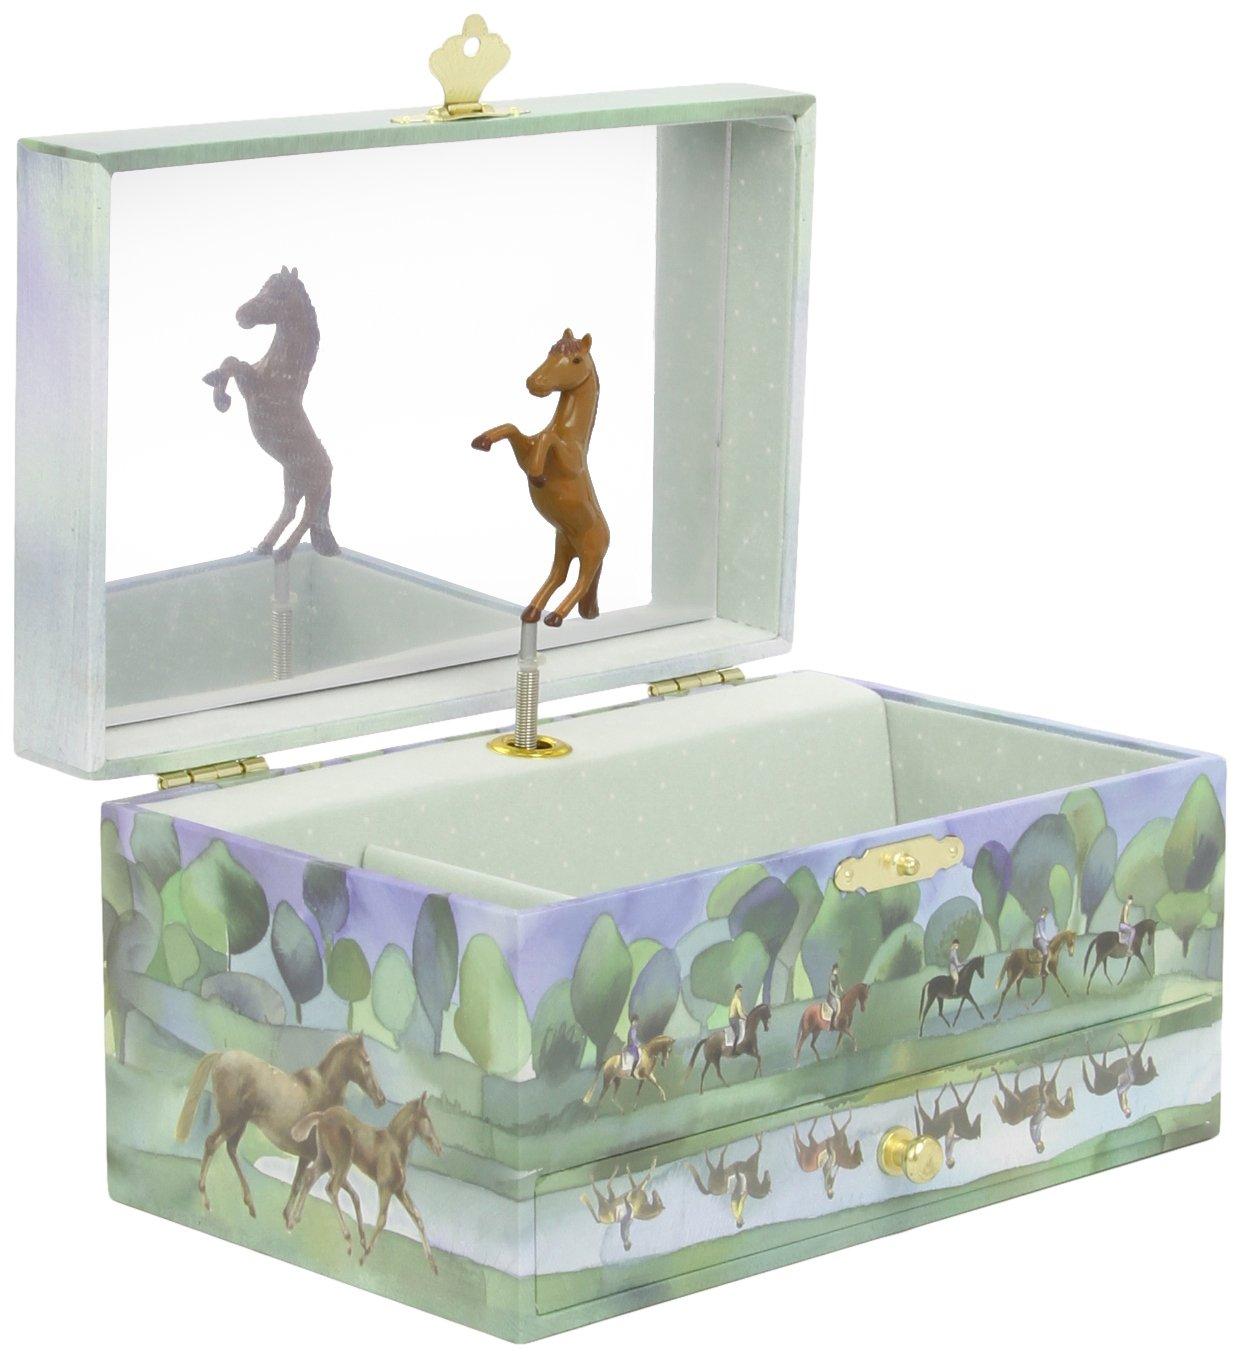 Trousselier 60620 Pferde-Spieluhr Brown Horses Spieldose, Musikdose, Spieluhren, Spieluhr mit Pferd